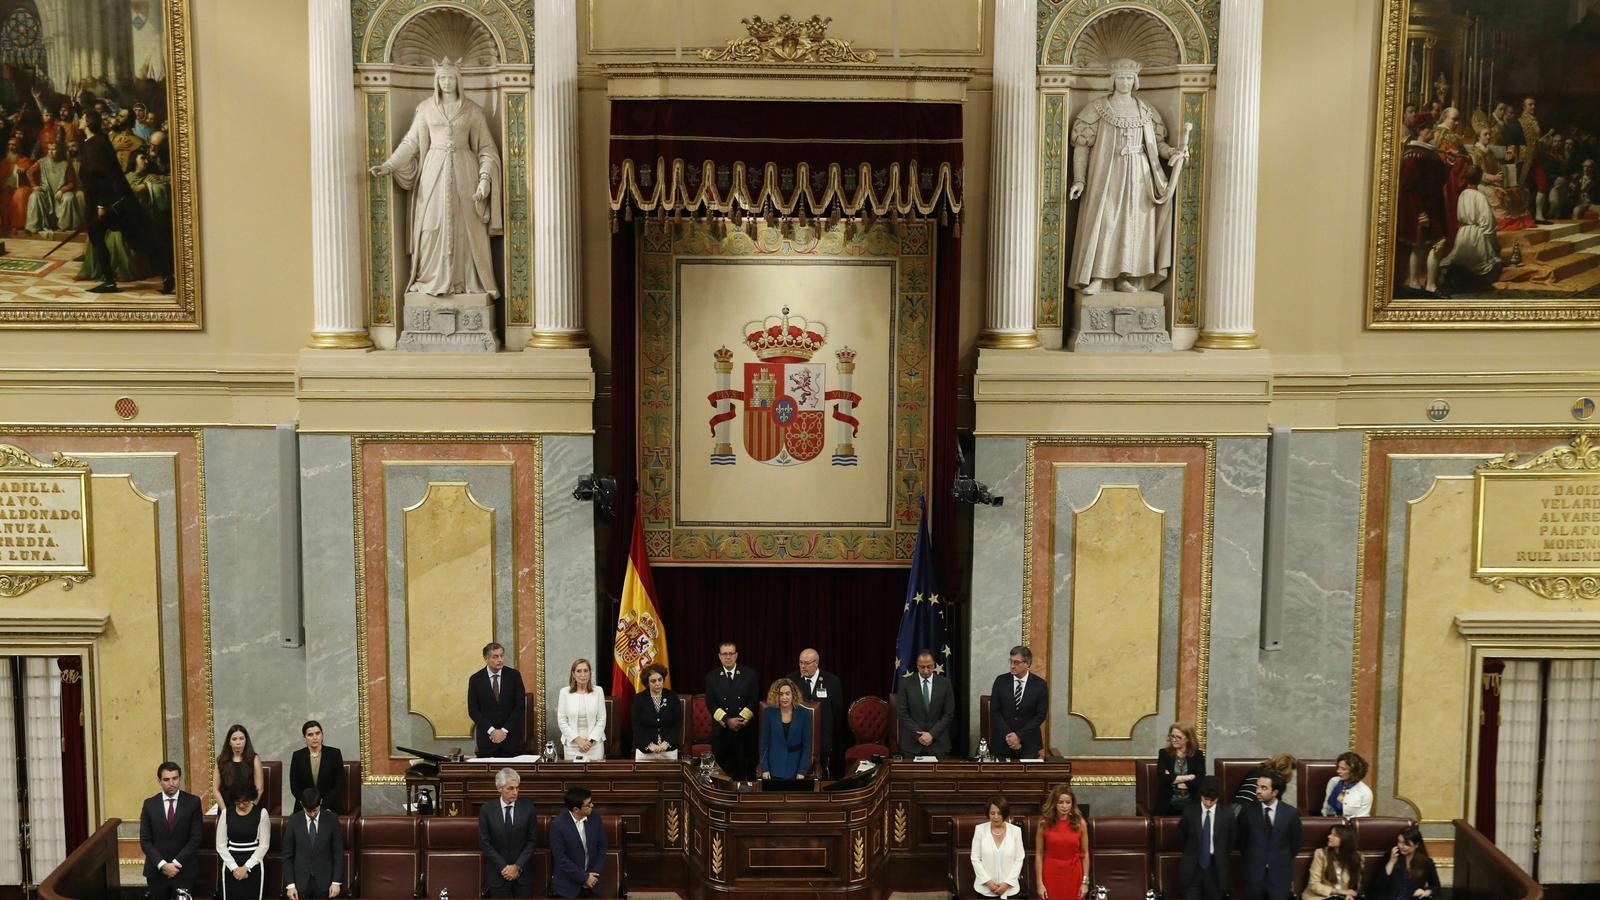 Qui són els nou membres de la mesa del Congrés que hauran de decidir si suspenen els presos polítics?